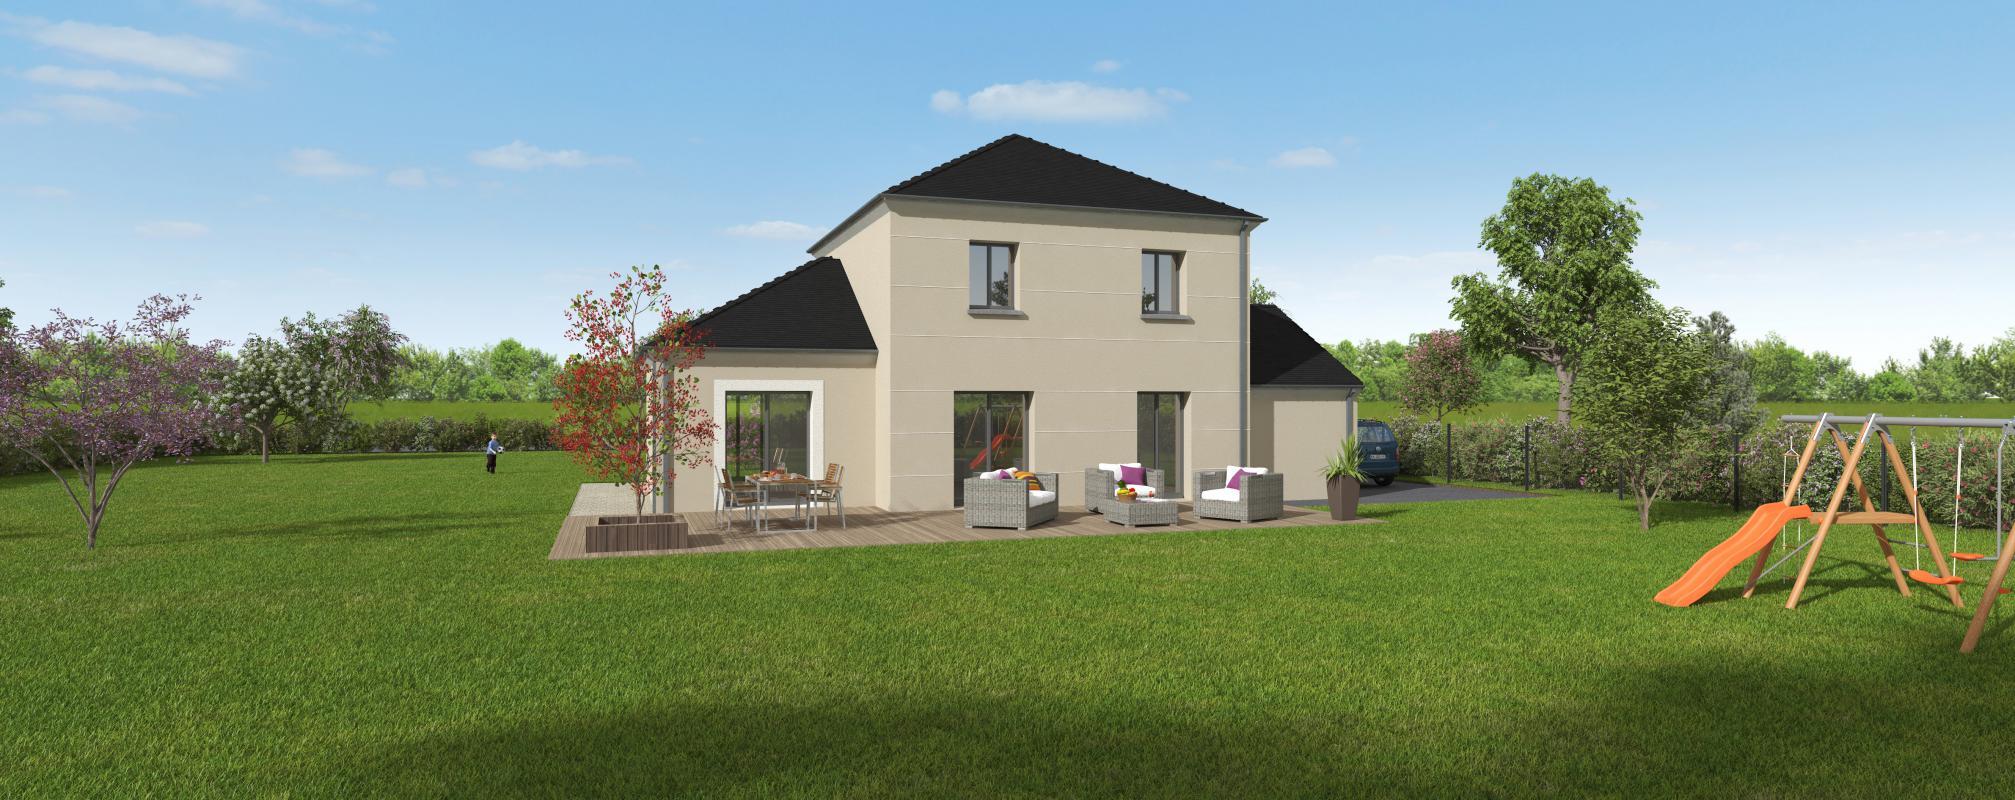 Maisons + Terrains du constructeur GROUPE DIOGO FERNANDES • 111 m² • VERNOUILLET